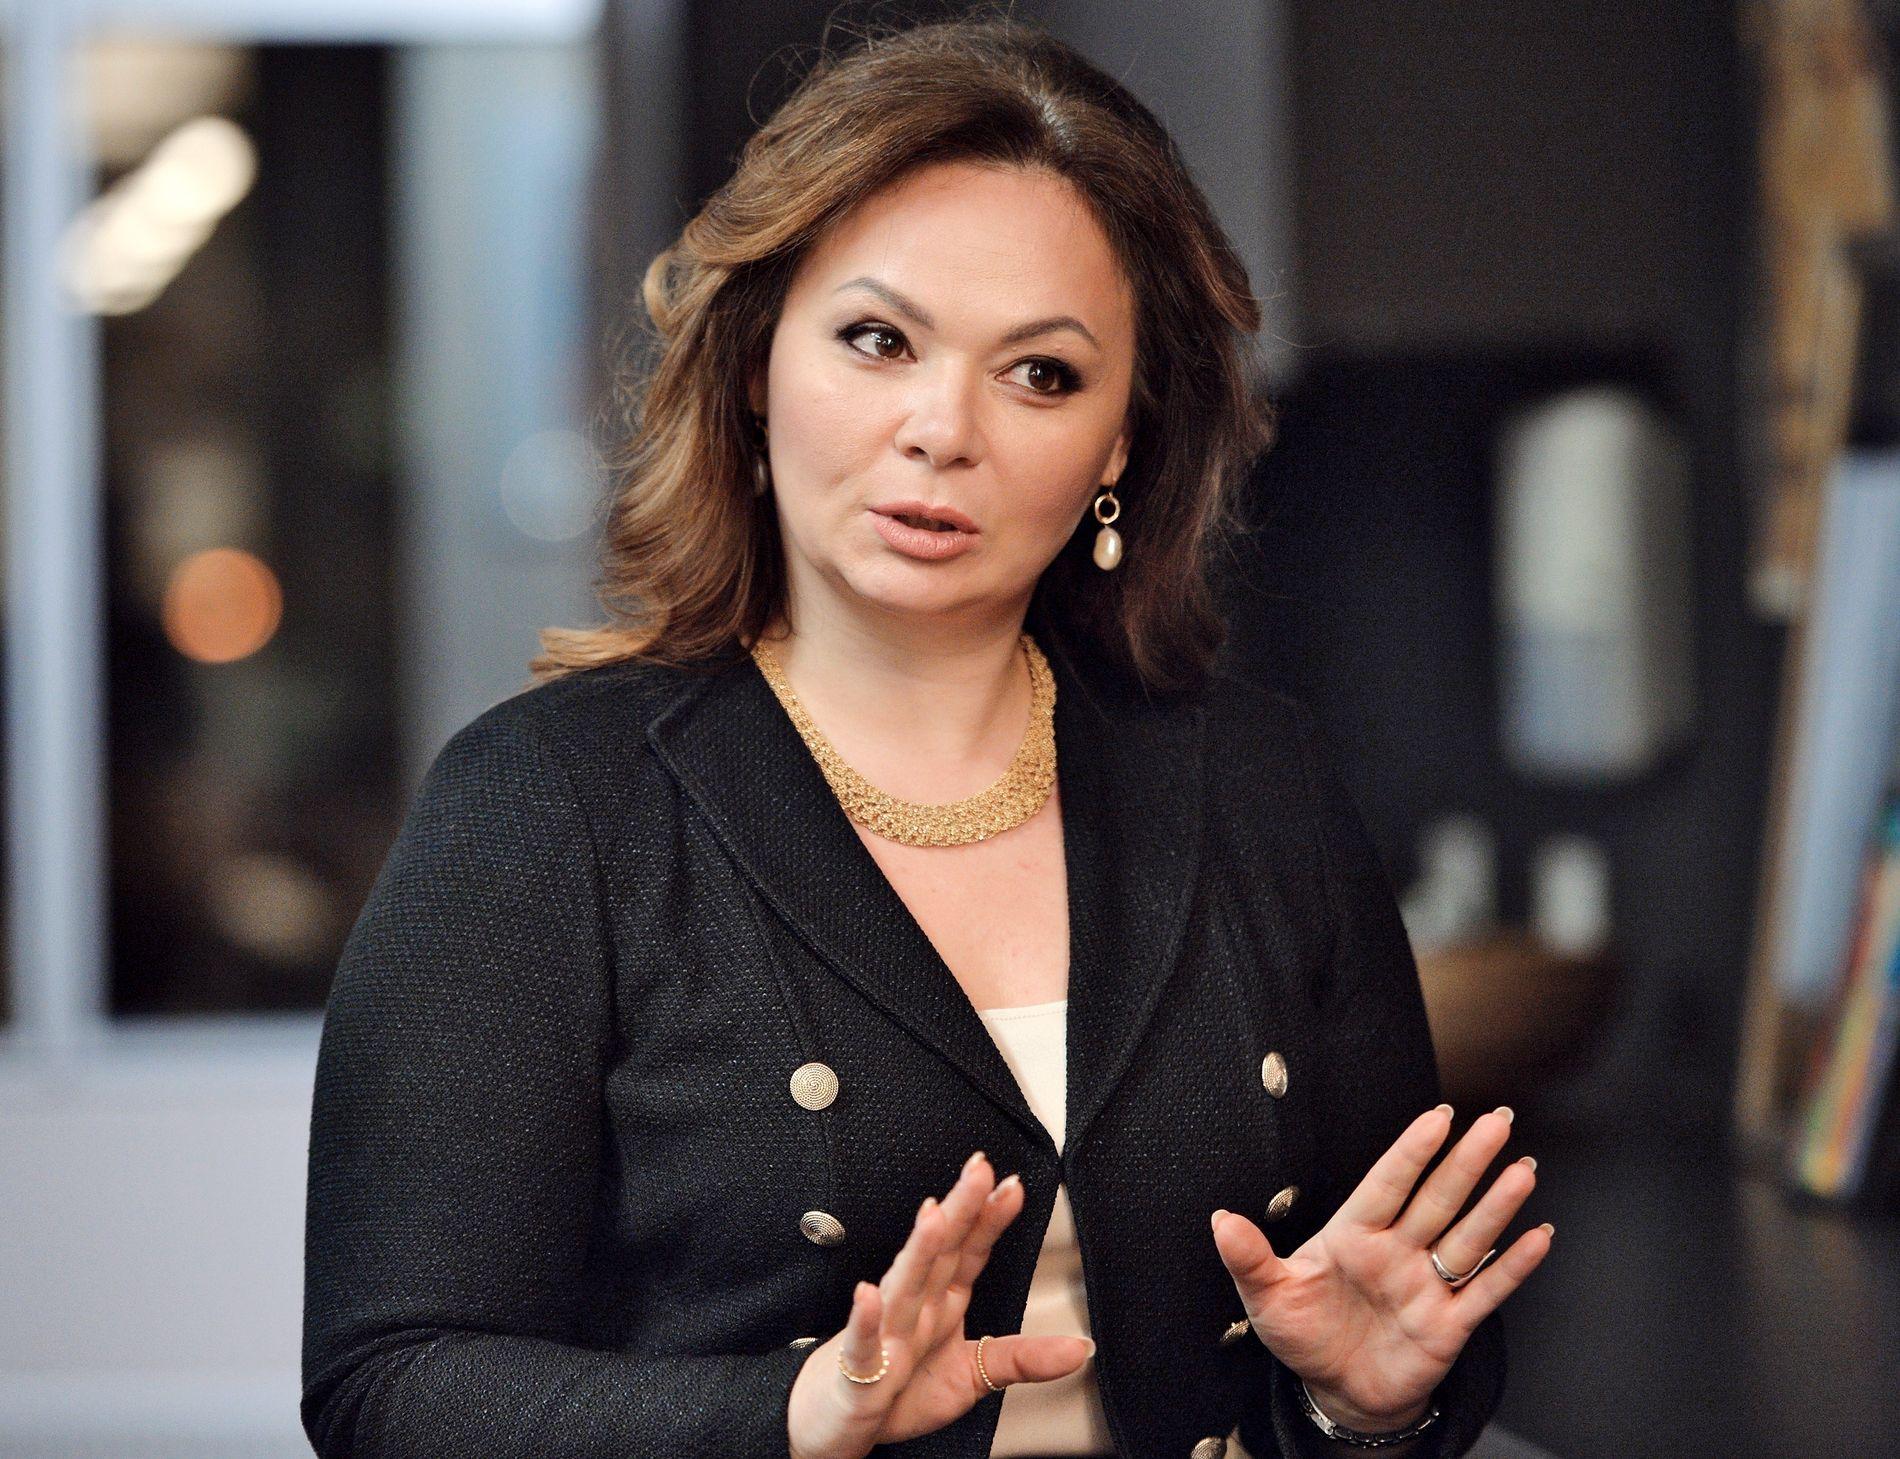 MIDT I STORMEN: Nylig avslørte e-poster viser at den russiske advokaten Natalja Veselnitskaja (42) deltok i et ca. 30-minutter langt møte med Donald Trump Jr. og andre i Trump Tower i fjor. Nå lurer alle på hvem hun er.